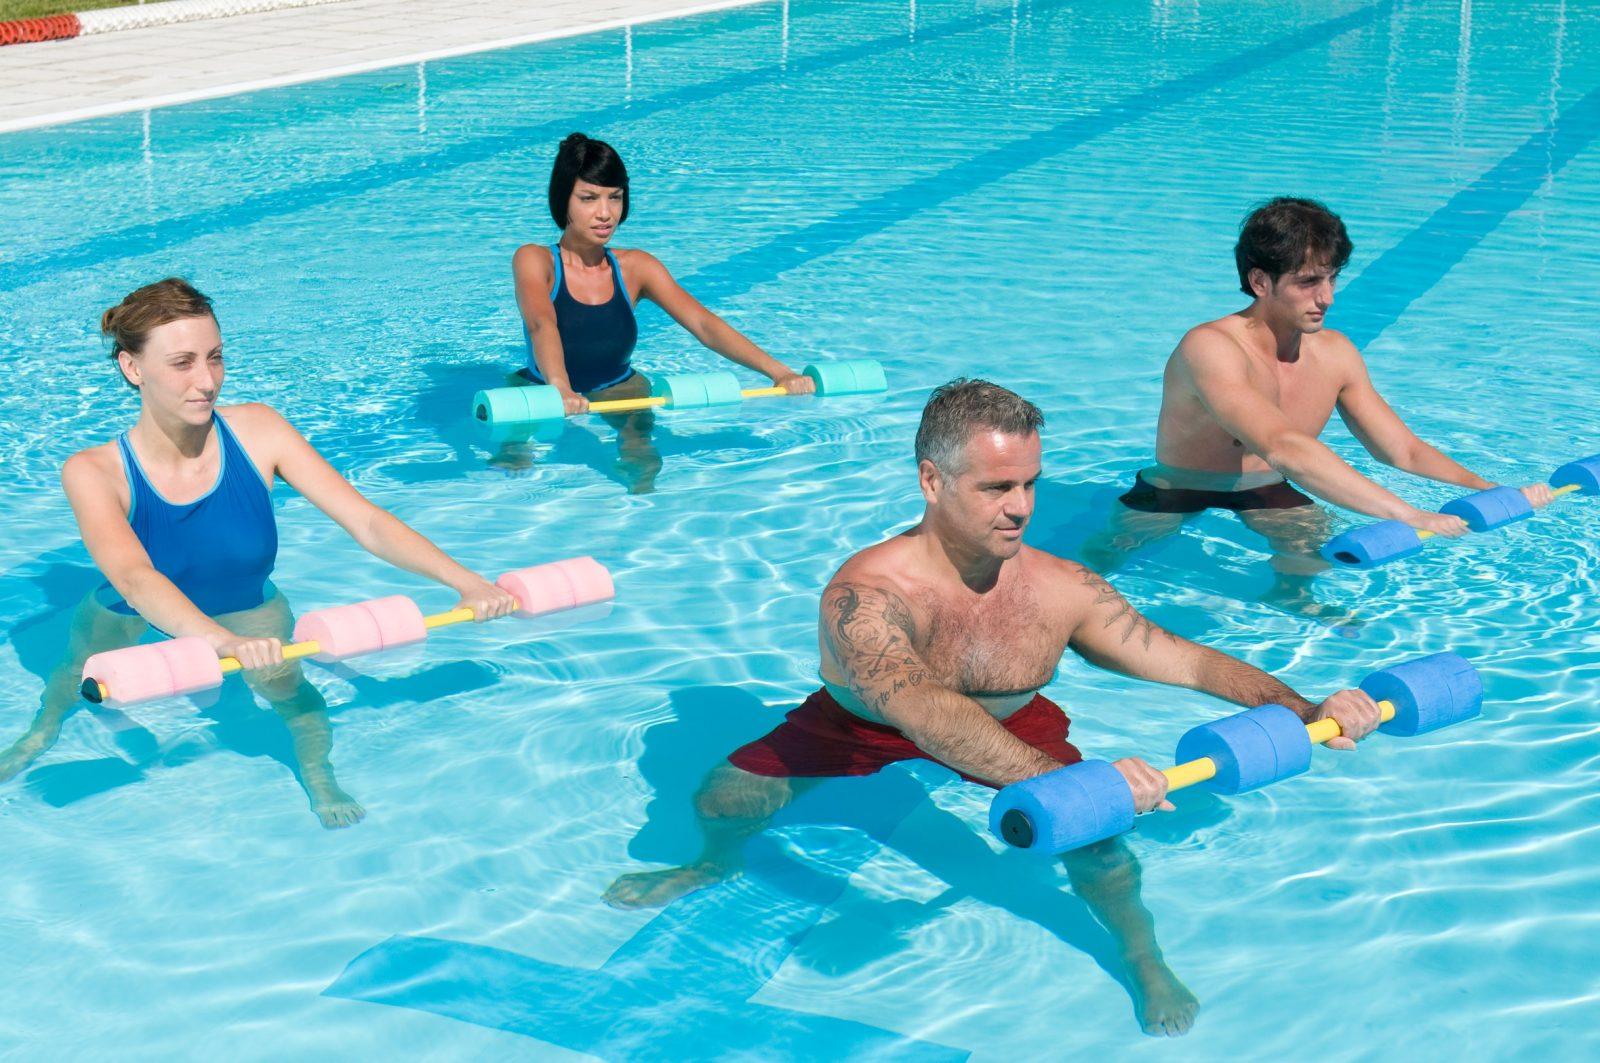 Мужчины и женщины занимаются фитнесом в бассейне